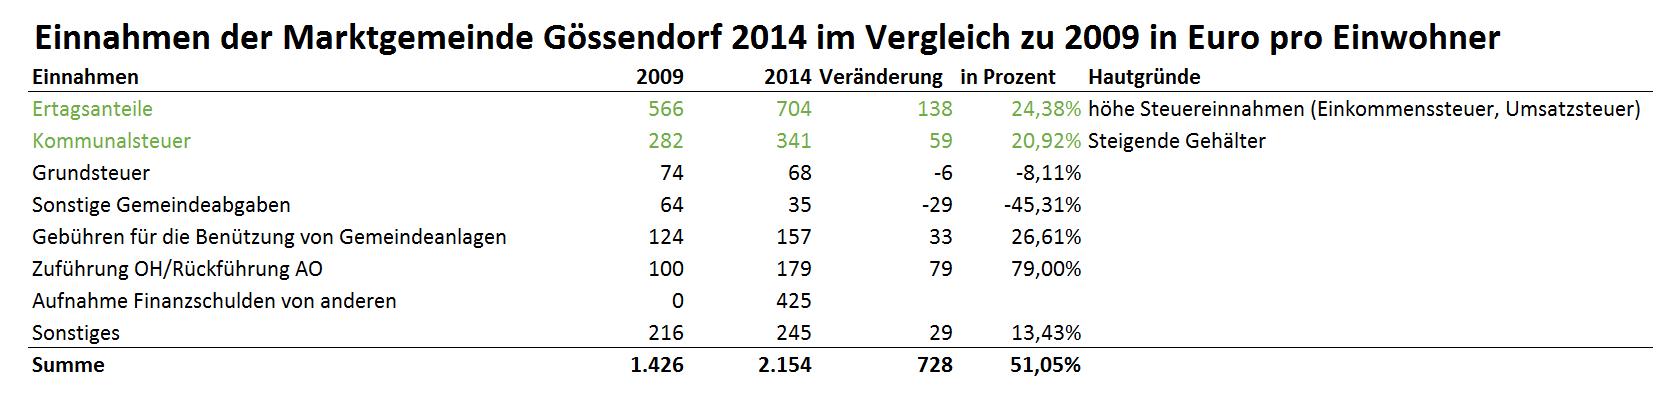 einnahmen_2014_2009_vergleich